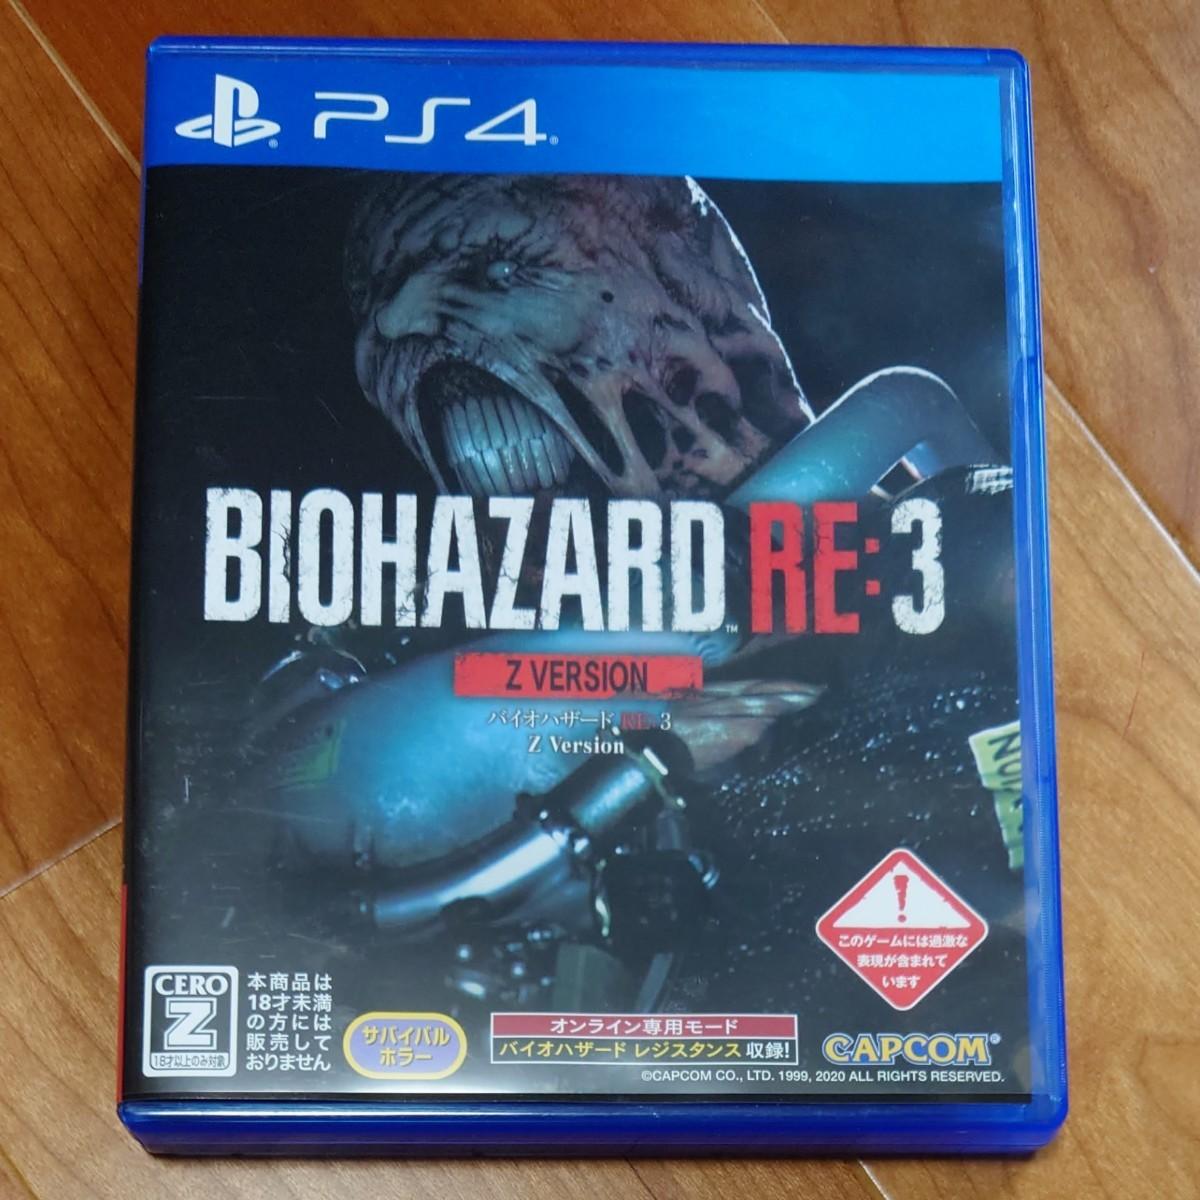 PS4 バイオハザードRE:3 Z Version